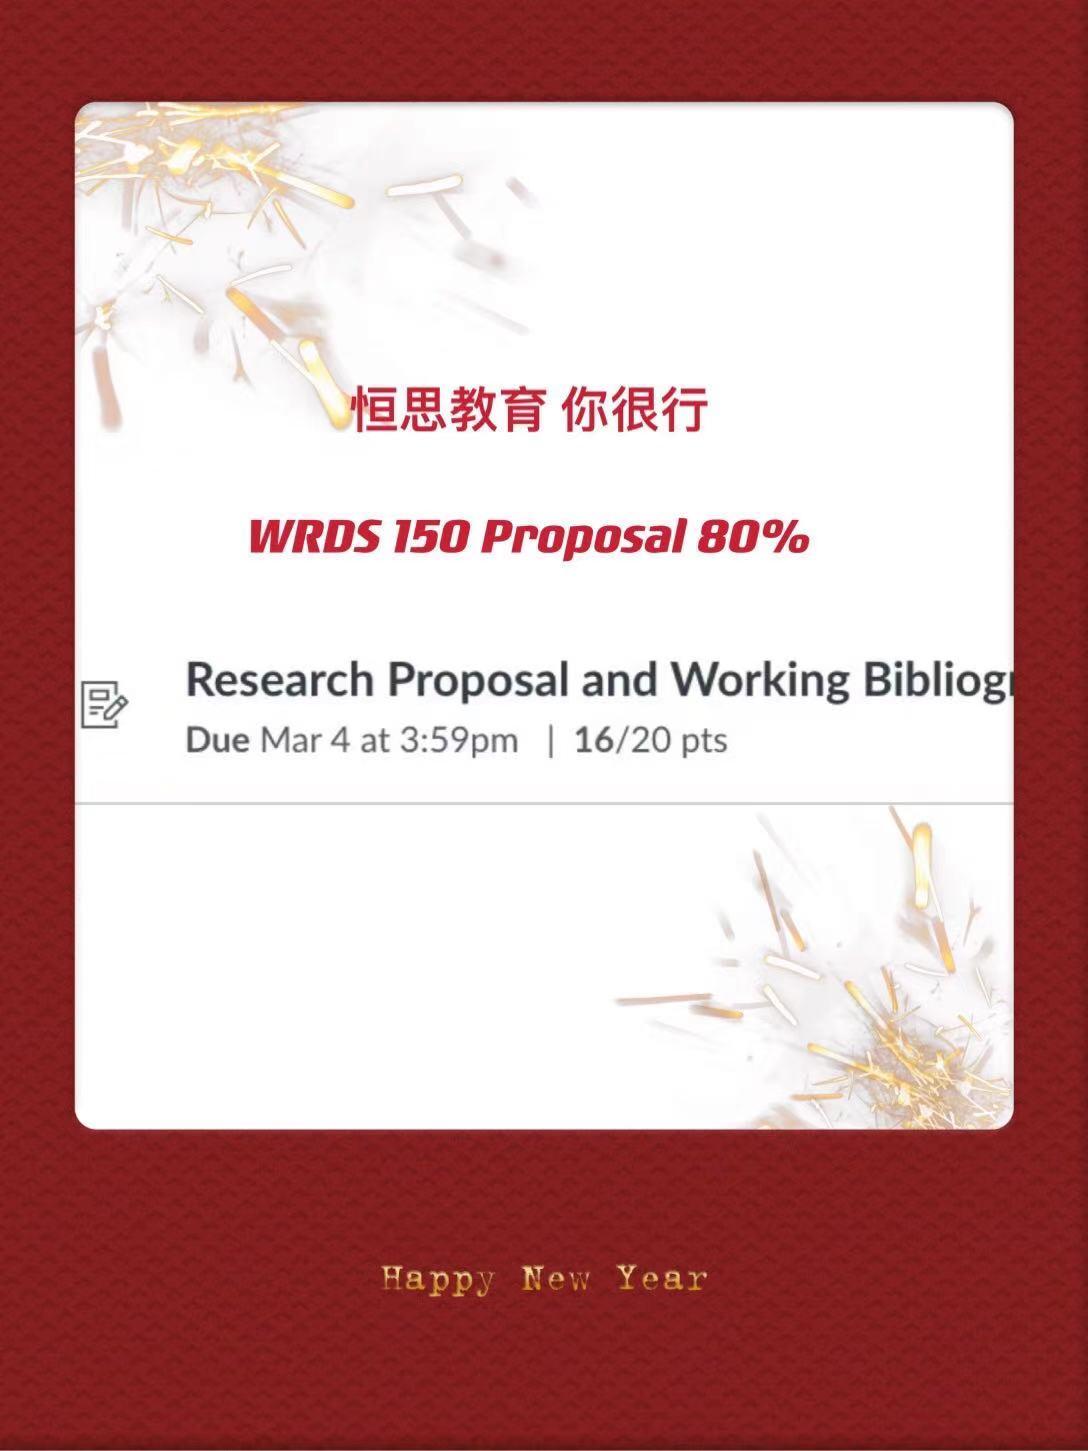 加拿大大学补习 - UBC补习补课 - WRDS 150